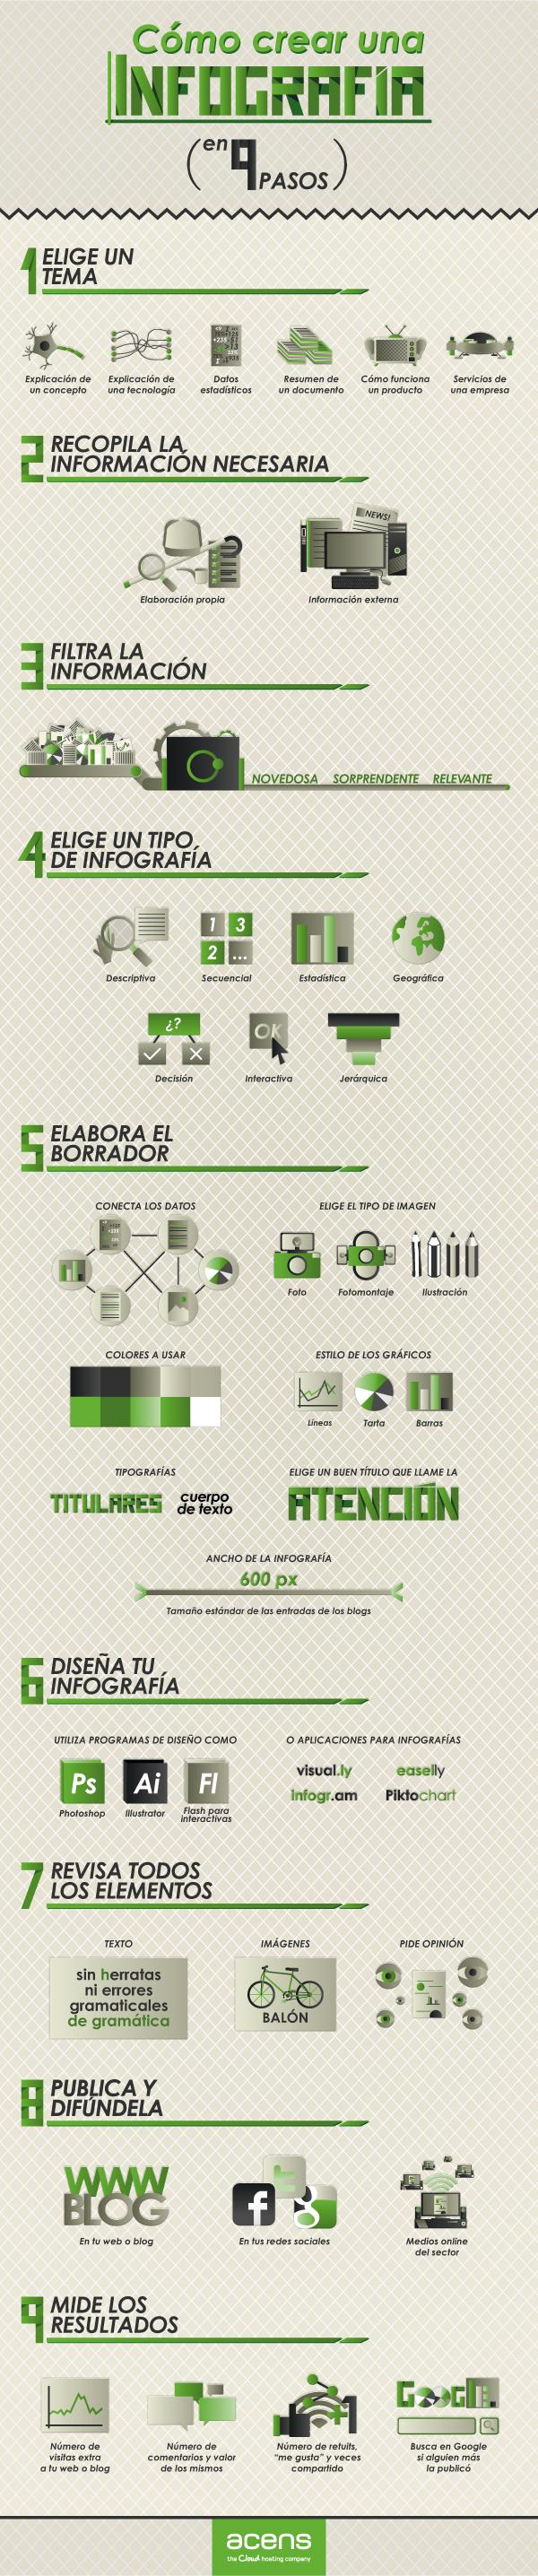 http://tecnologia.uncomo.com/infografia/como-hacer-un-infografia-paso-a-paso-16413.html